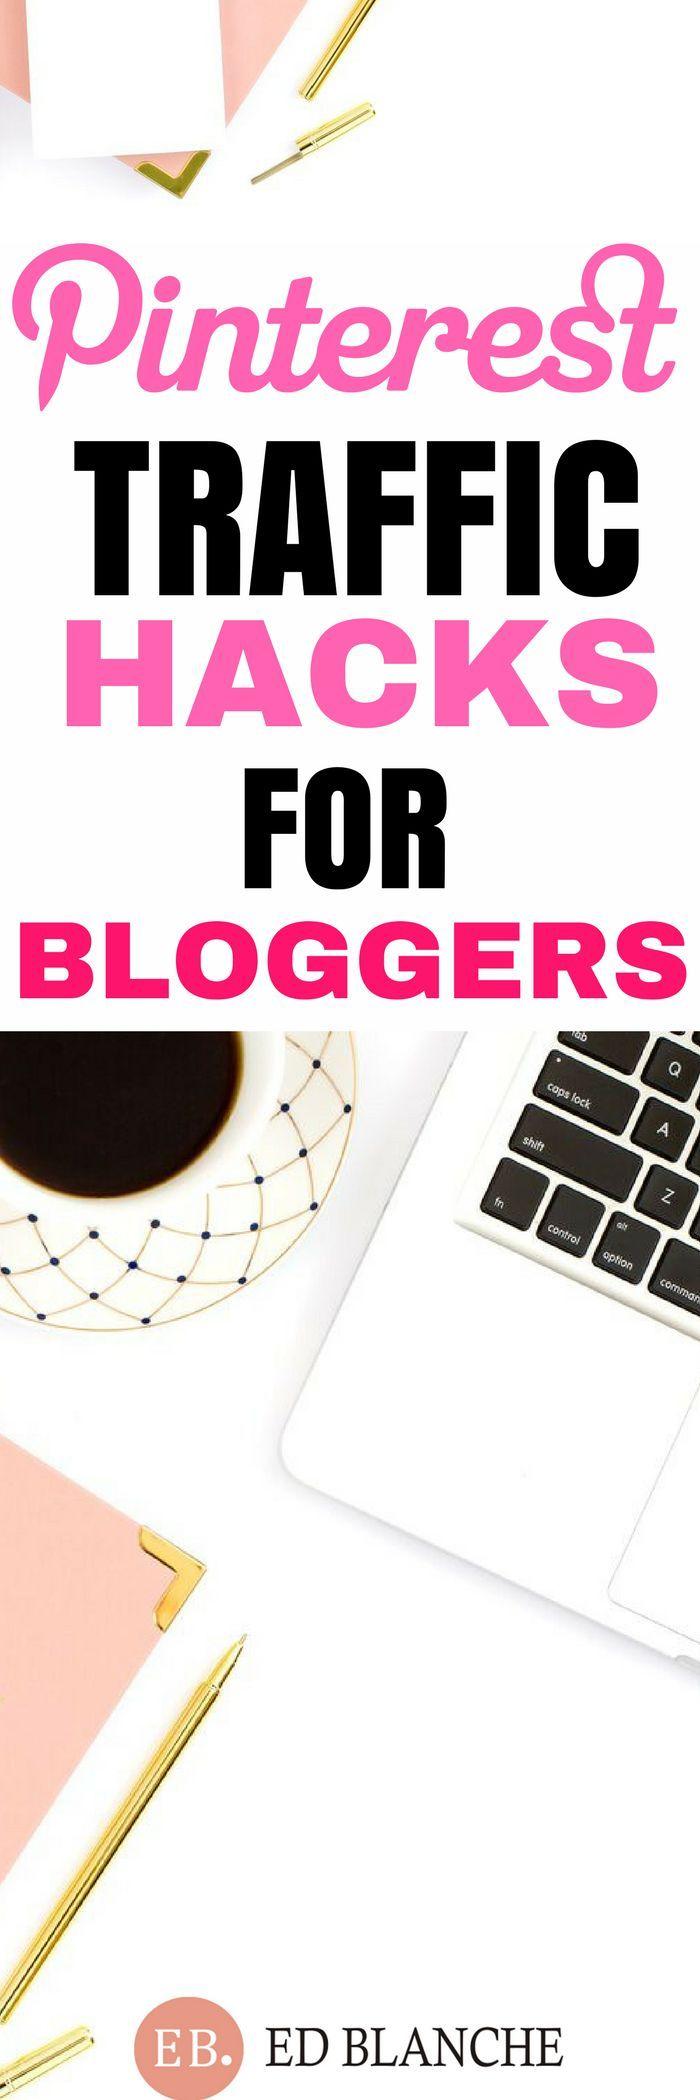 Pinterest traffic hacks for bloggers #pinteresttips